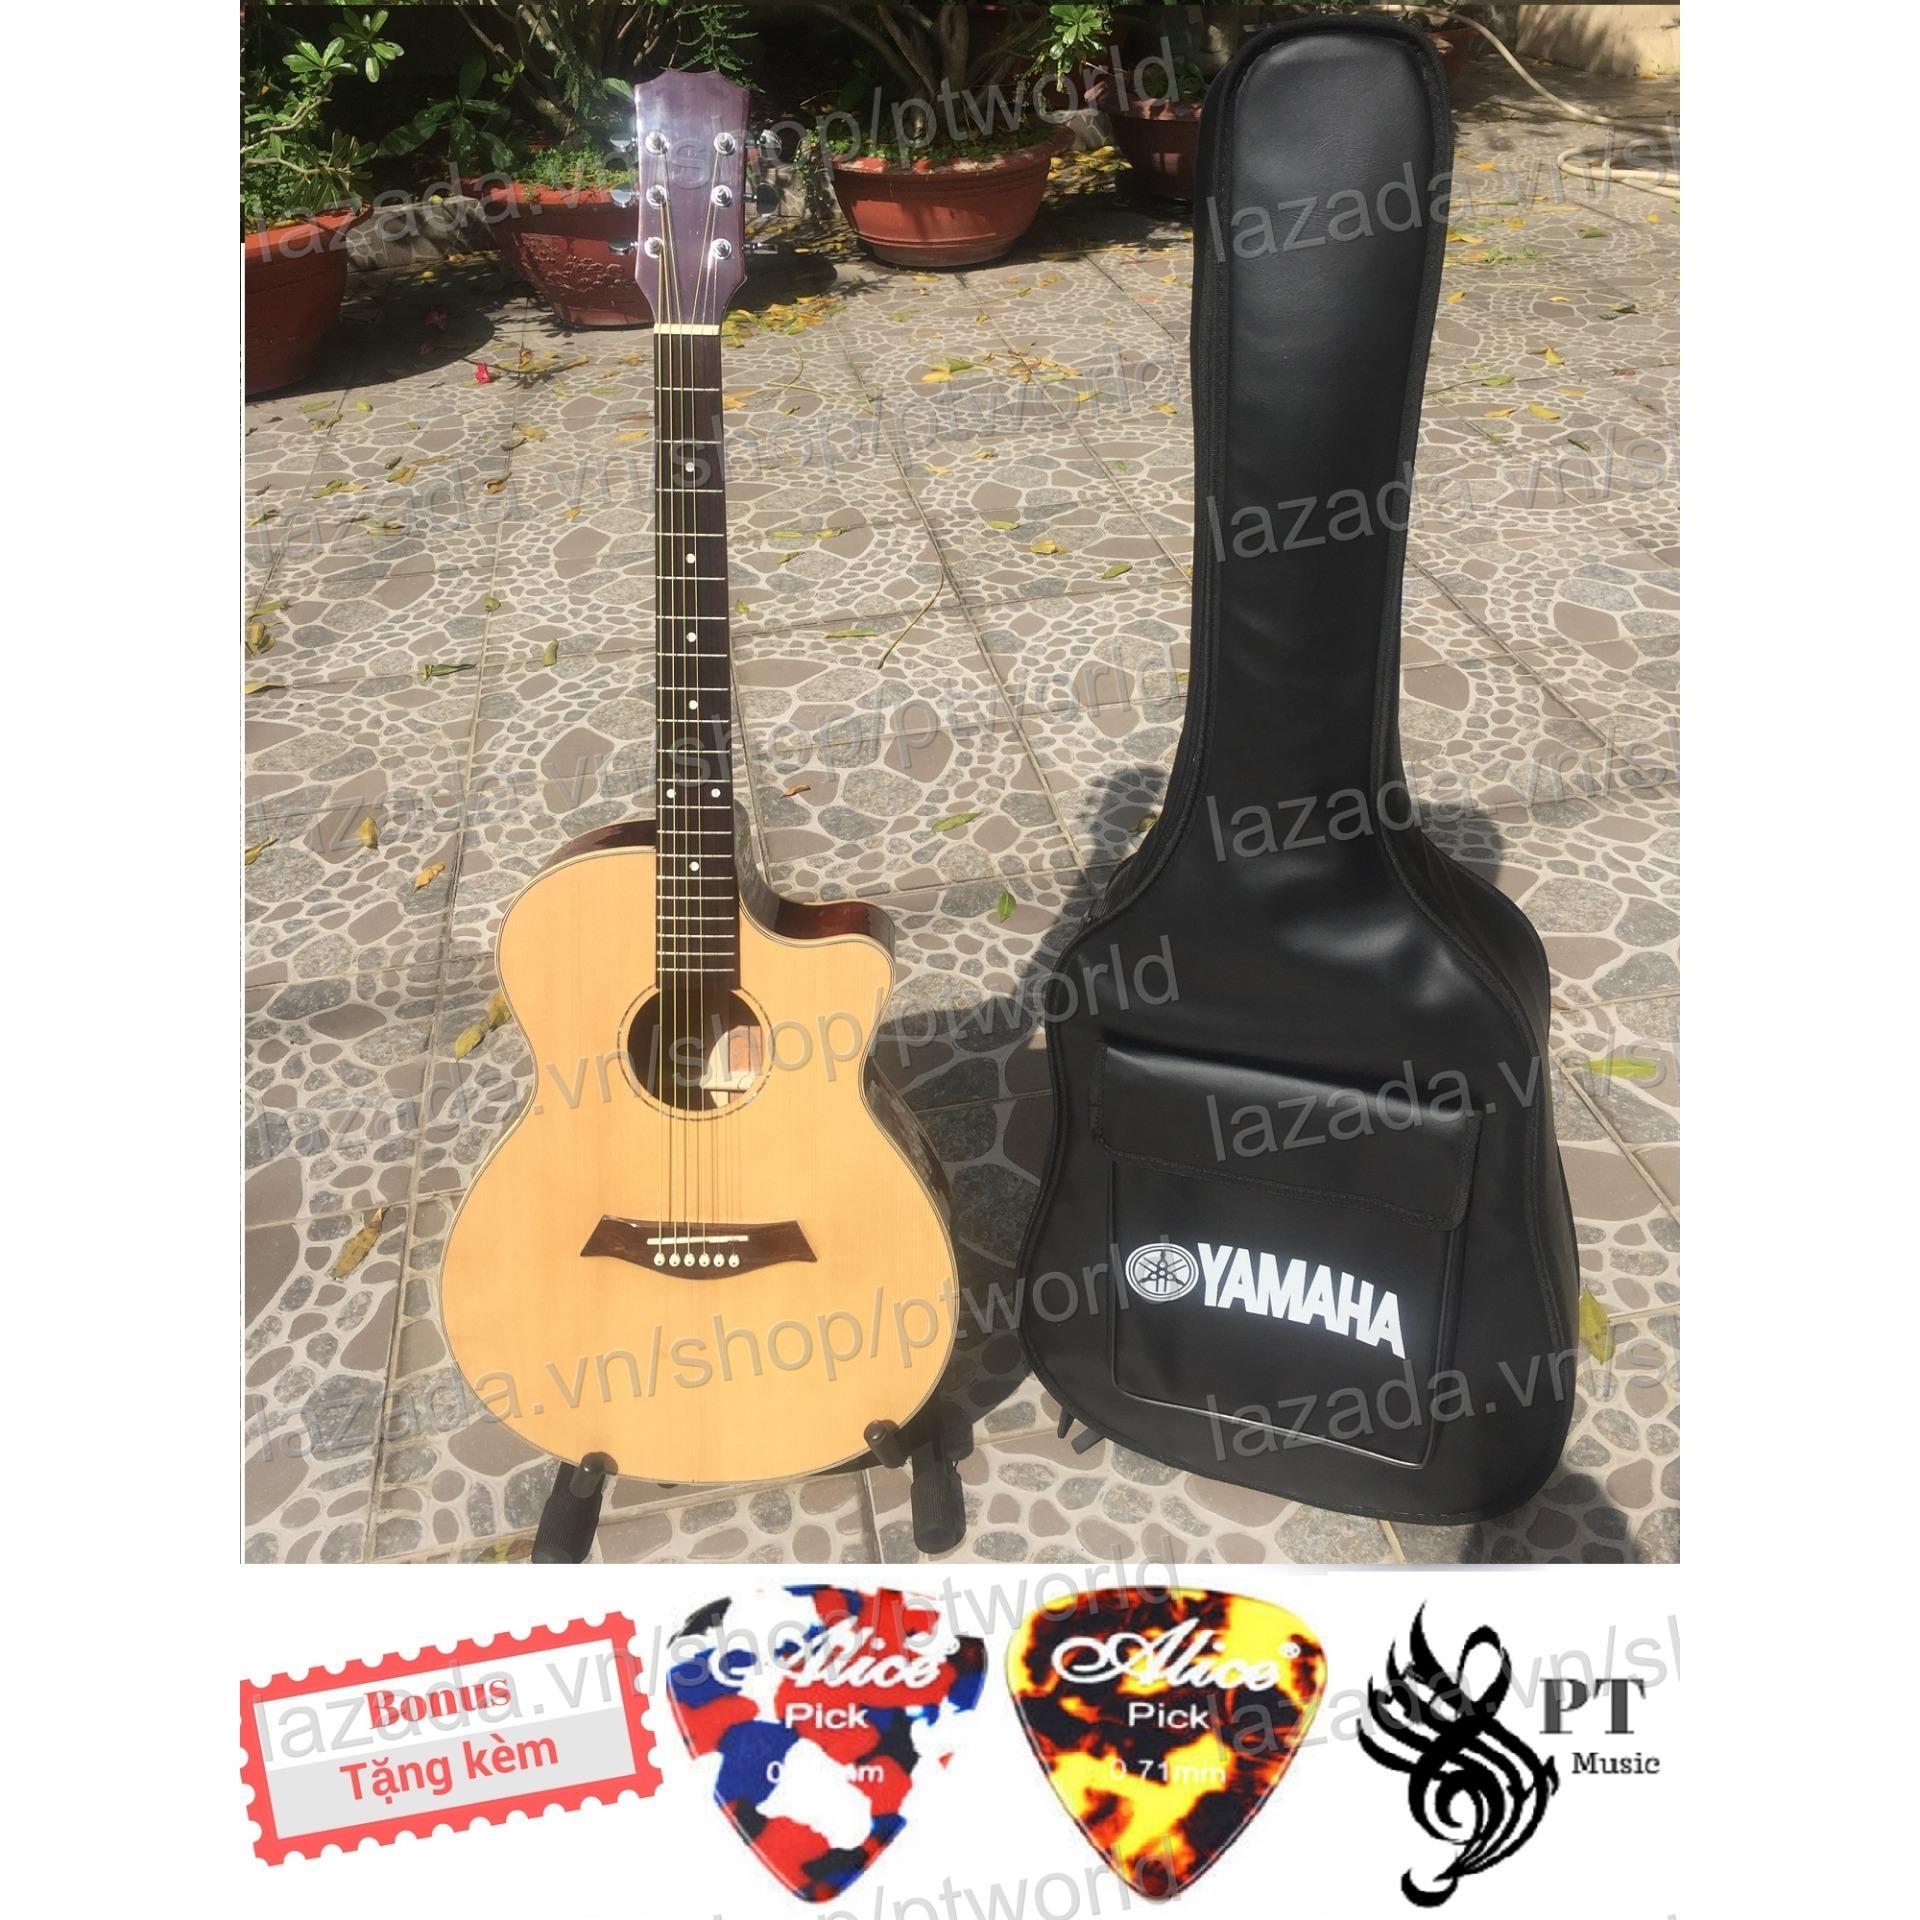 Đàn Guitar Acoustic Cao Cáp Gõ Hòng Đào Nguyen Tám Dáng A Khuyét Bao Da 3 Lớp 2 Picks Alice Đồng Nai Chiết Khấu